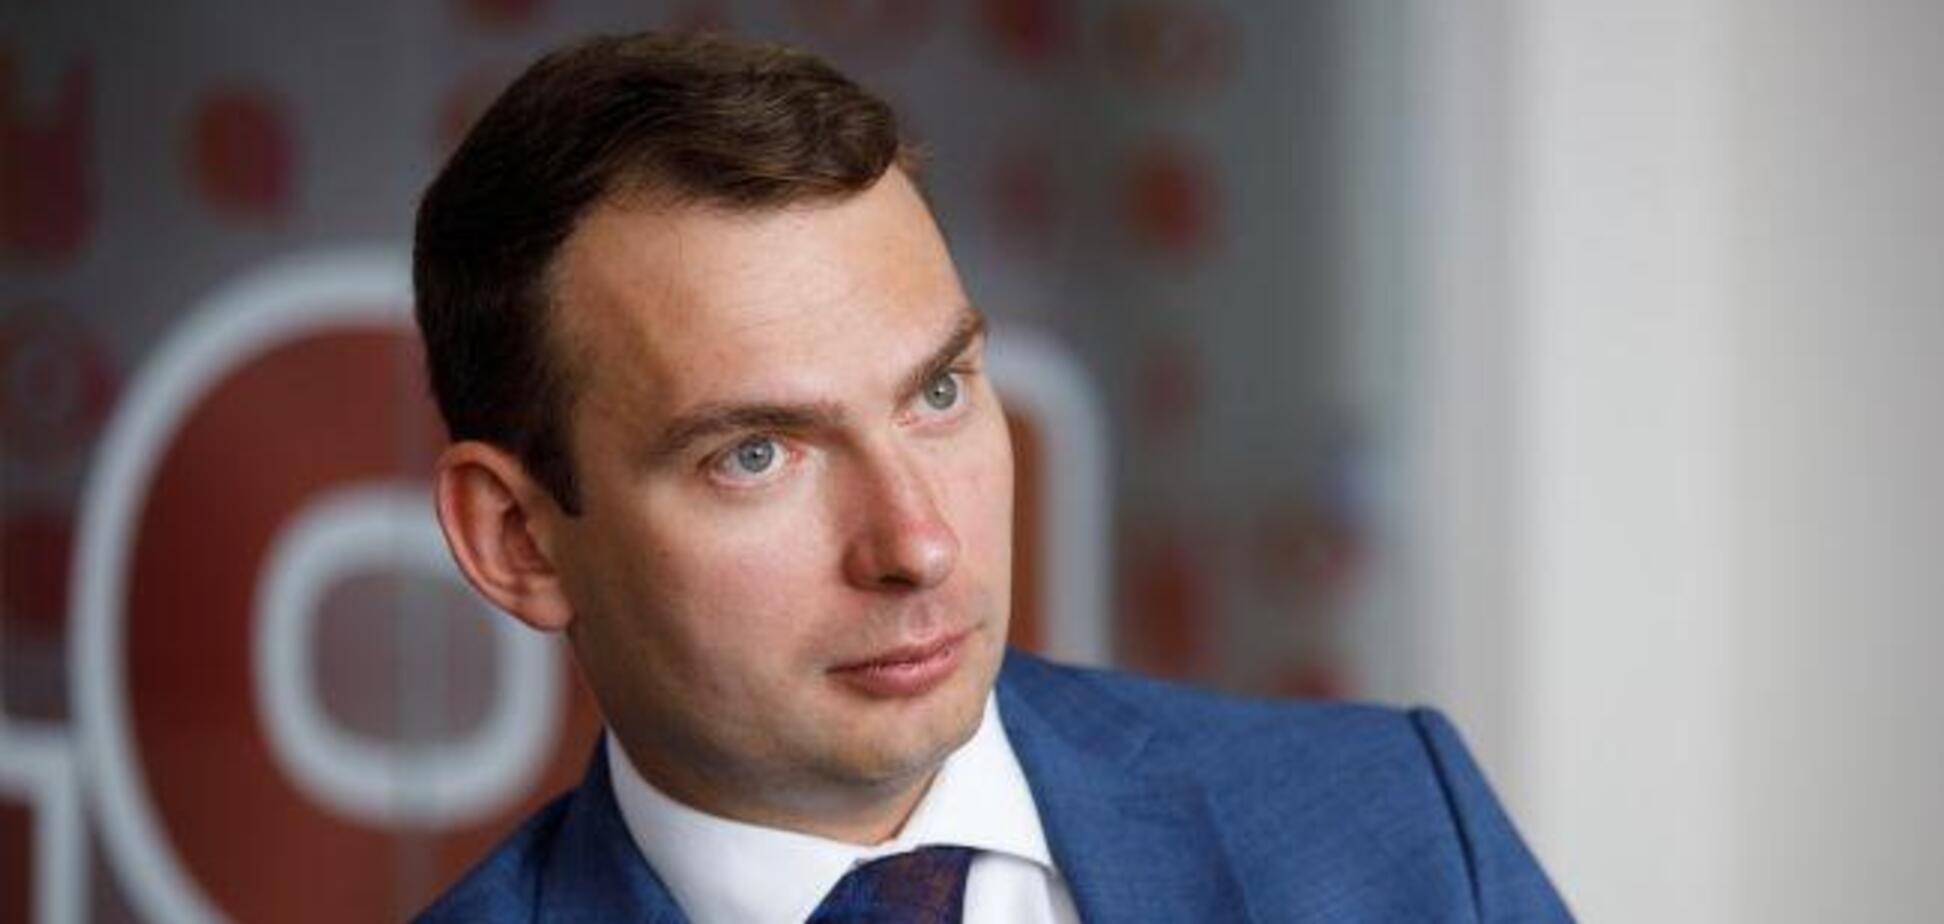 В Раде хотят сфальсифицировать стенограмму голосования за закон об олигархах, – Железняк